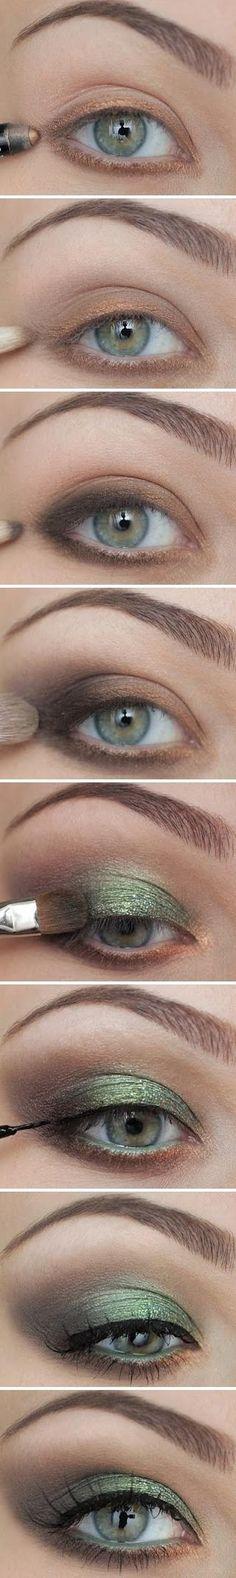 Green smokey eyes�ravishing.